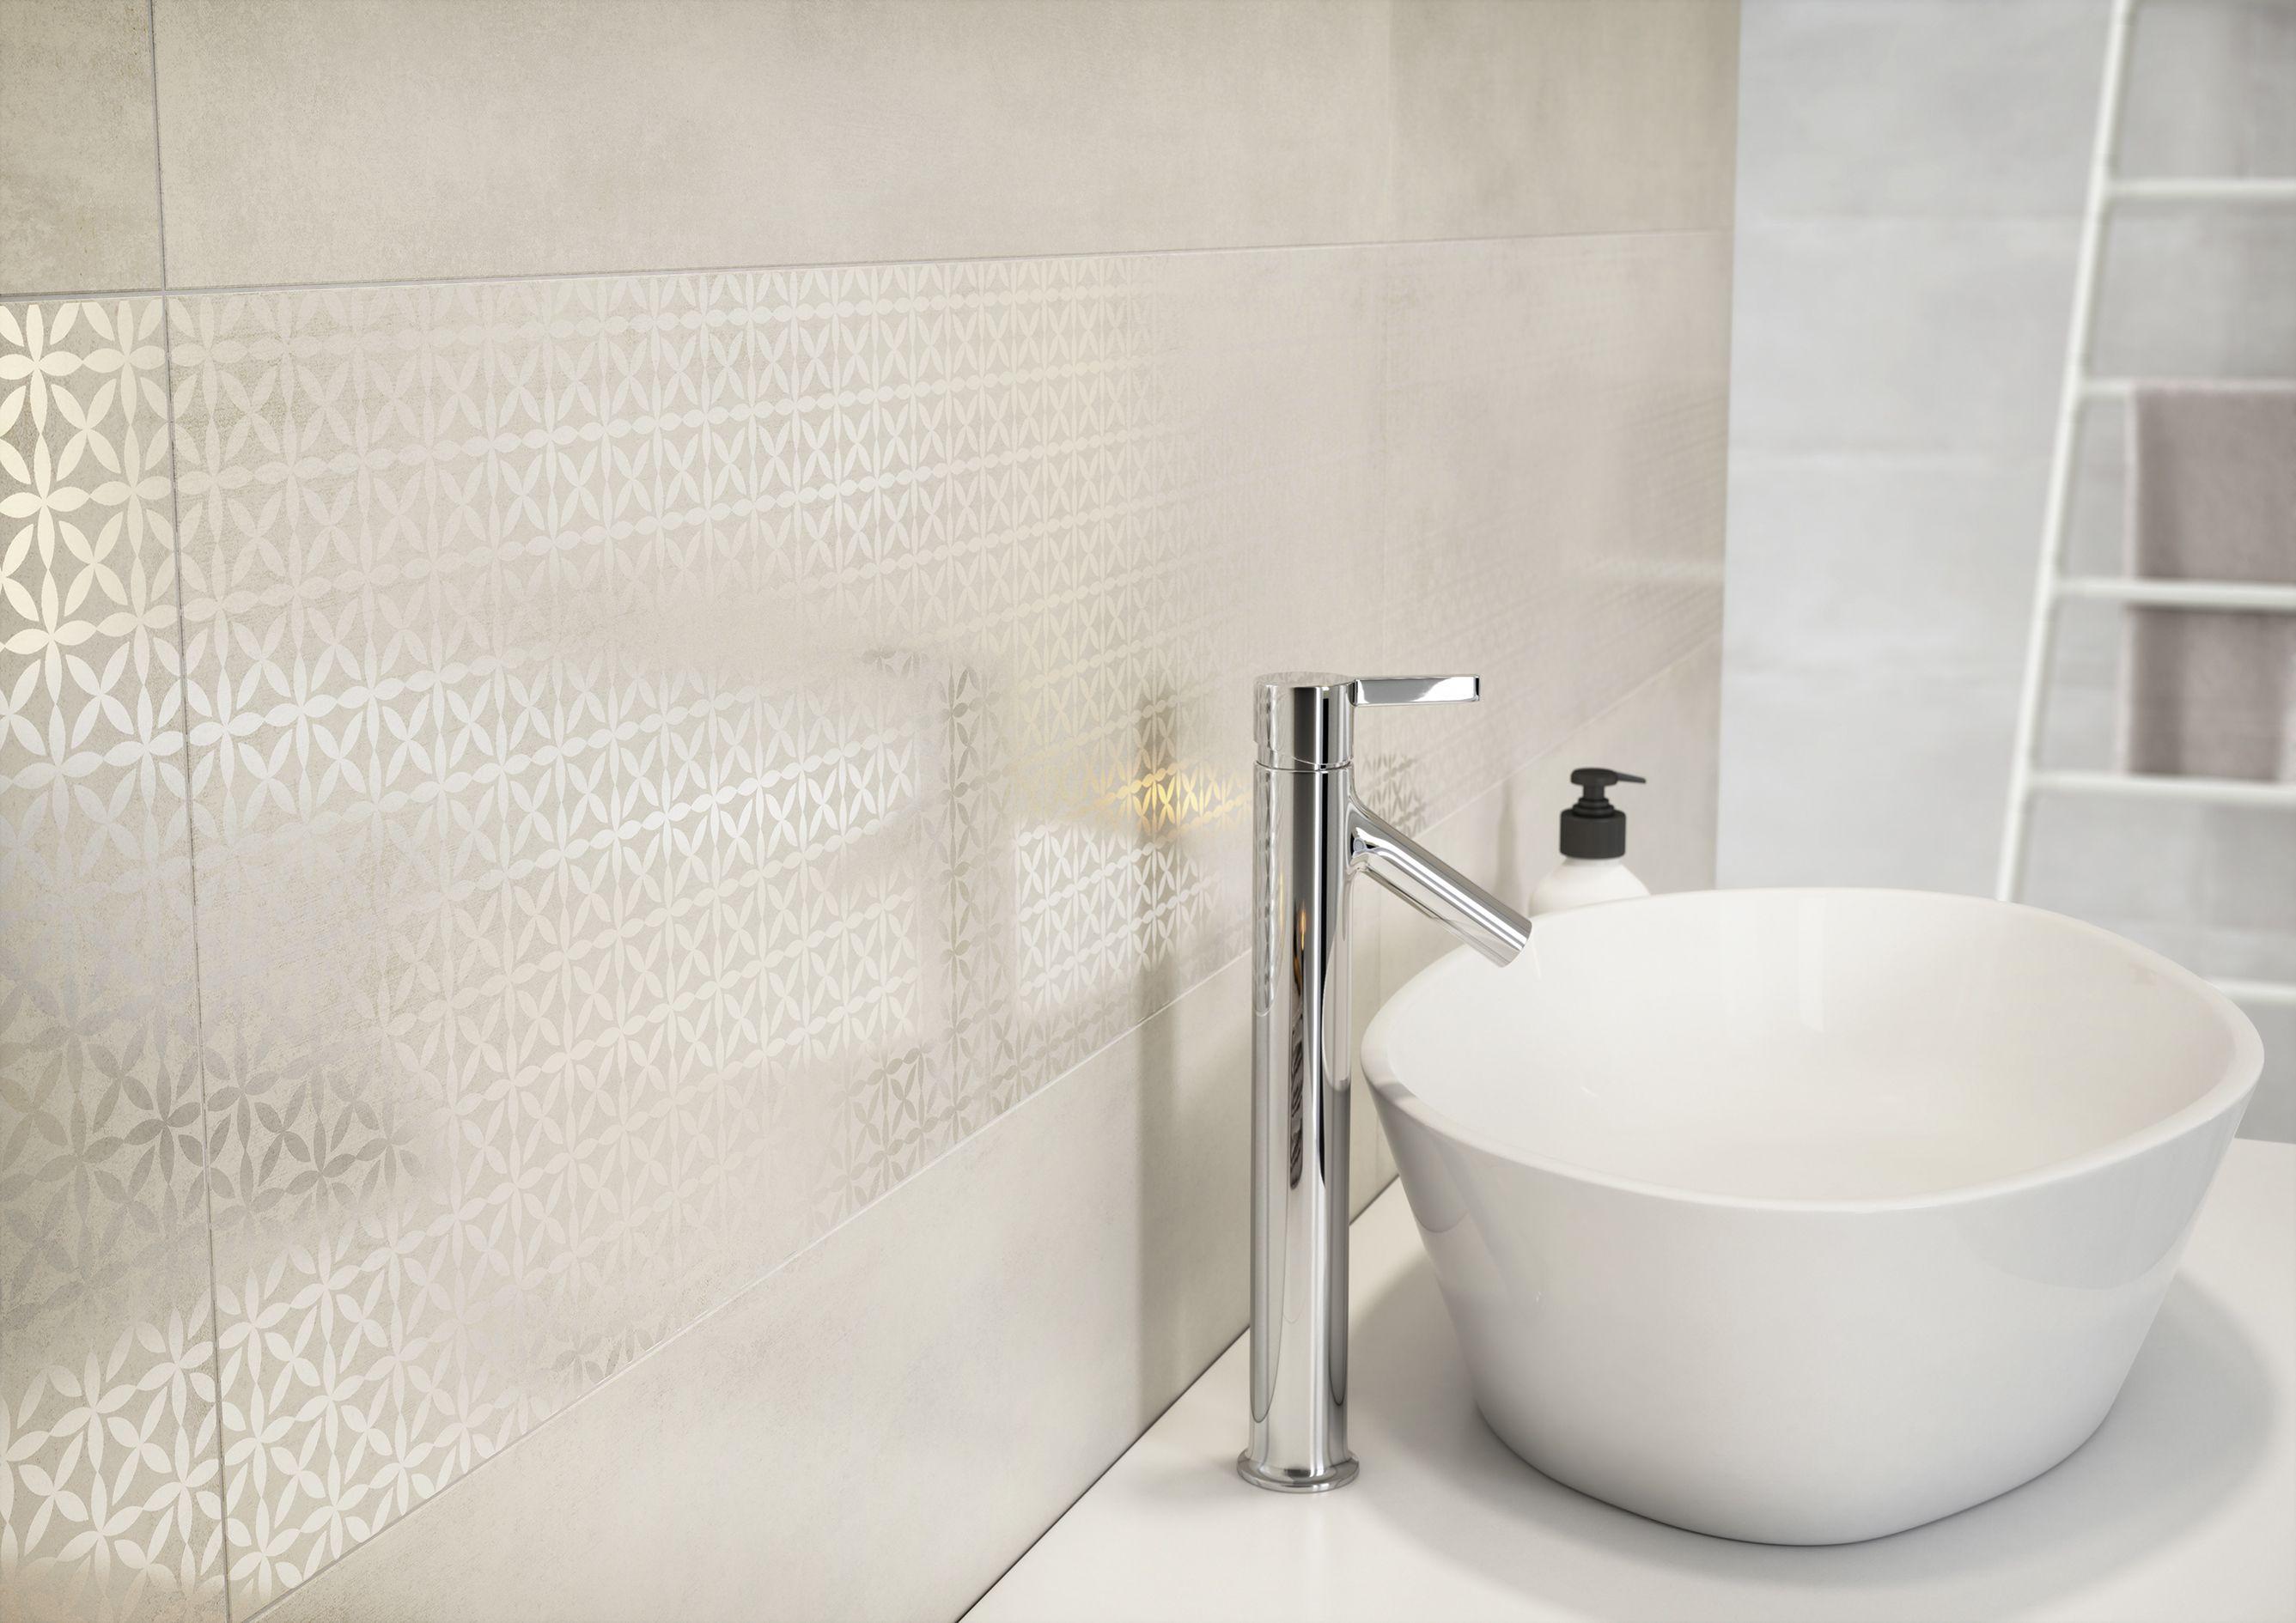 Badezimmer Richtig Planen Mit Unterstutzung Von Wohn Dir Was Badezimmer T Losung Badezimmer Waschbecken Design